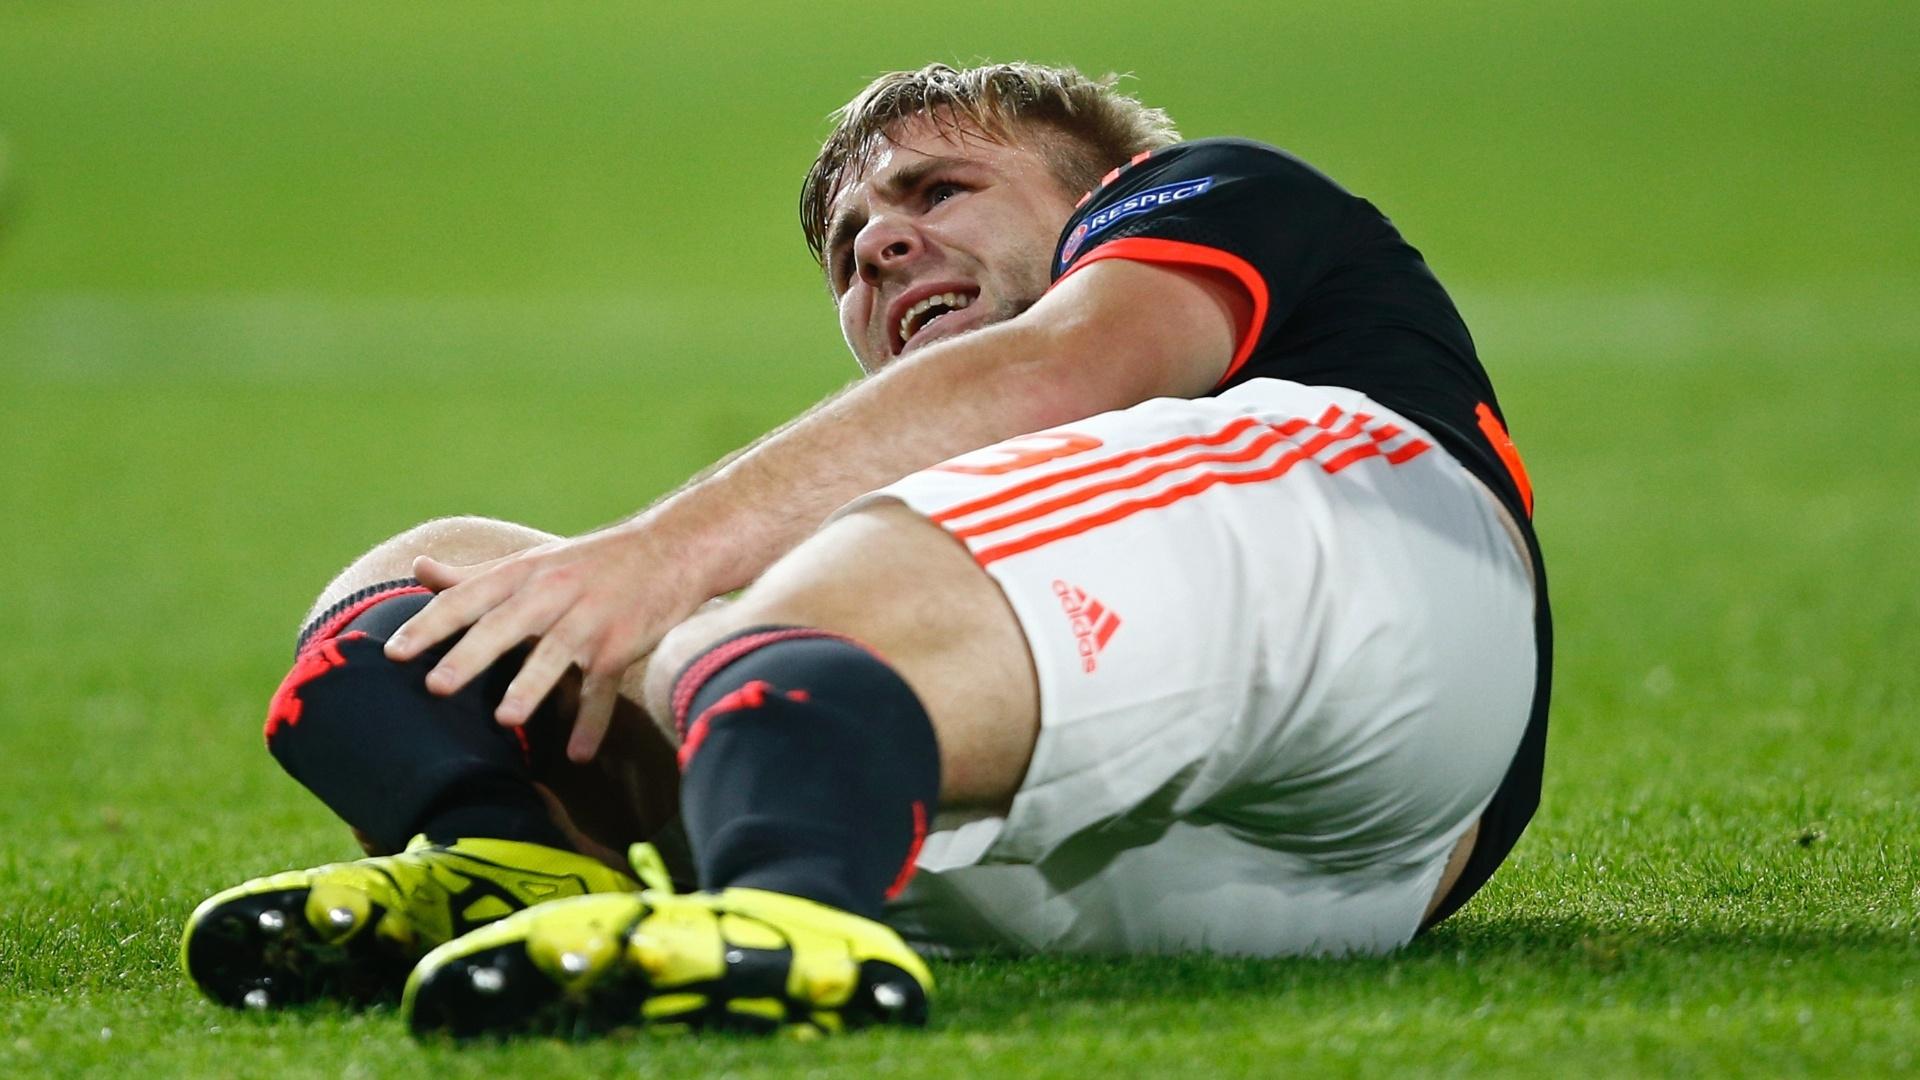 Luke Shaw, do Manchester United, fica caído no gramado após entrada dura de adversário